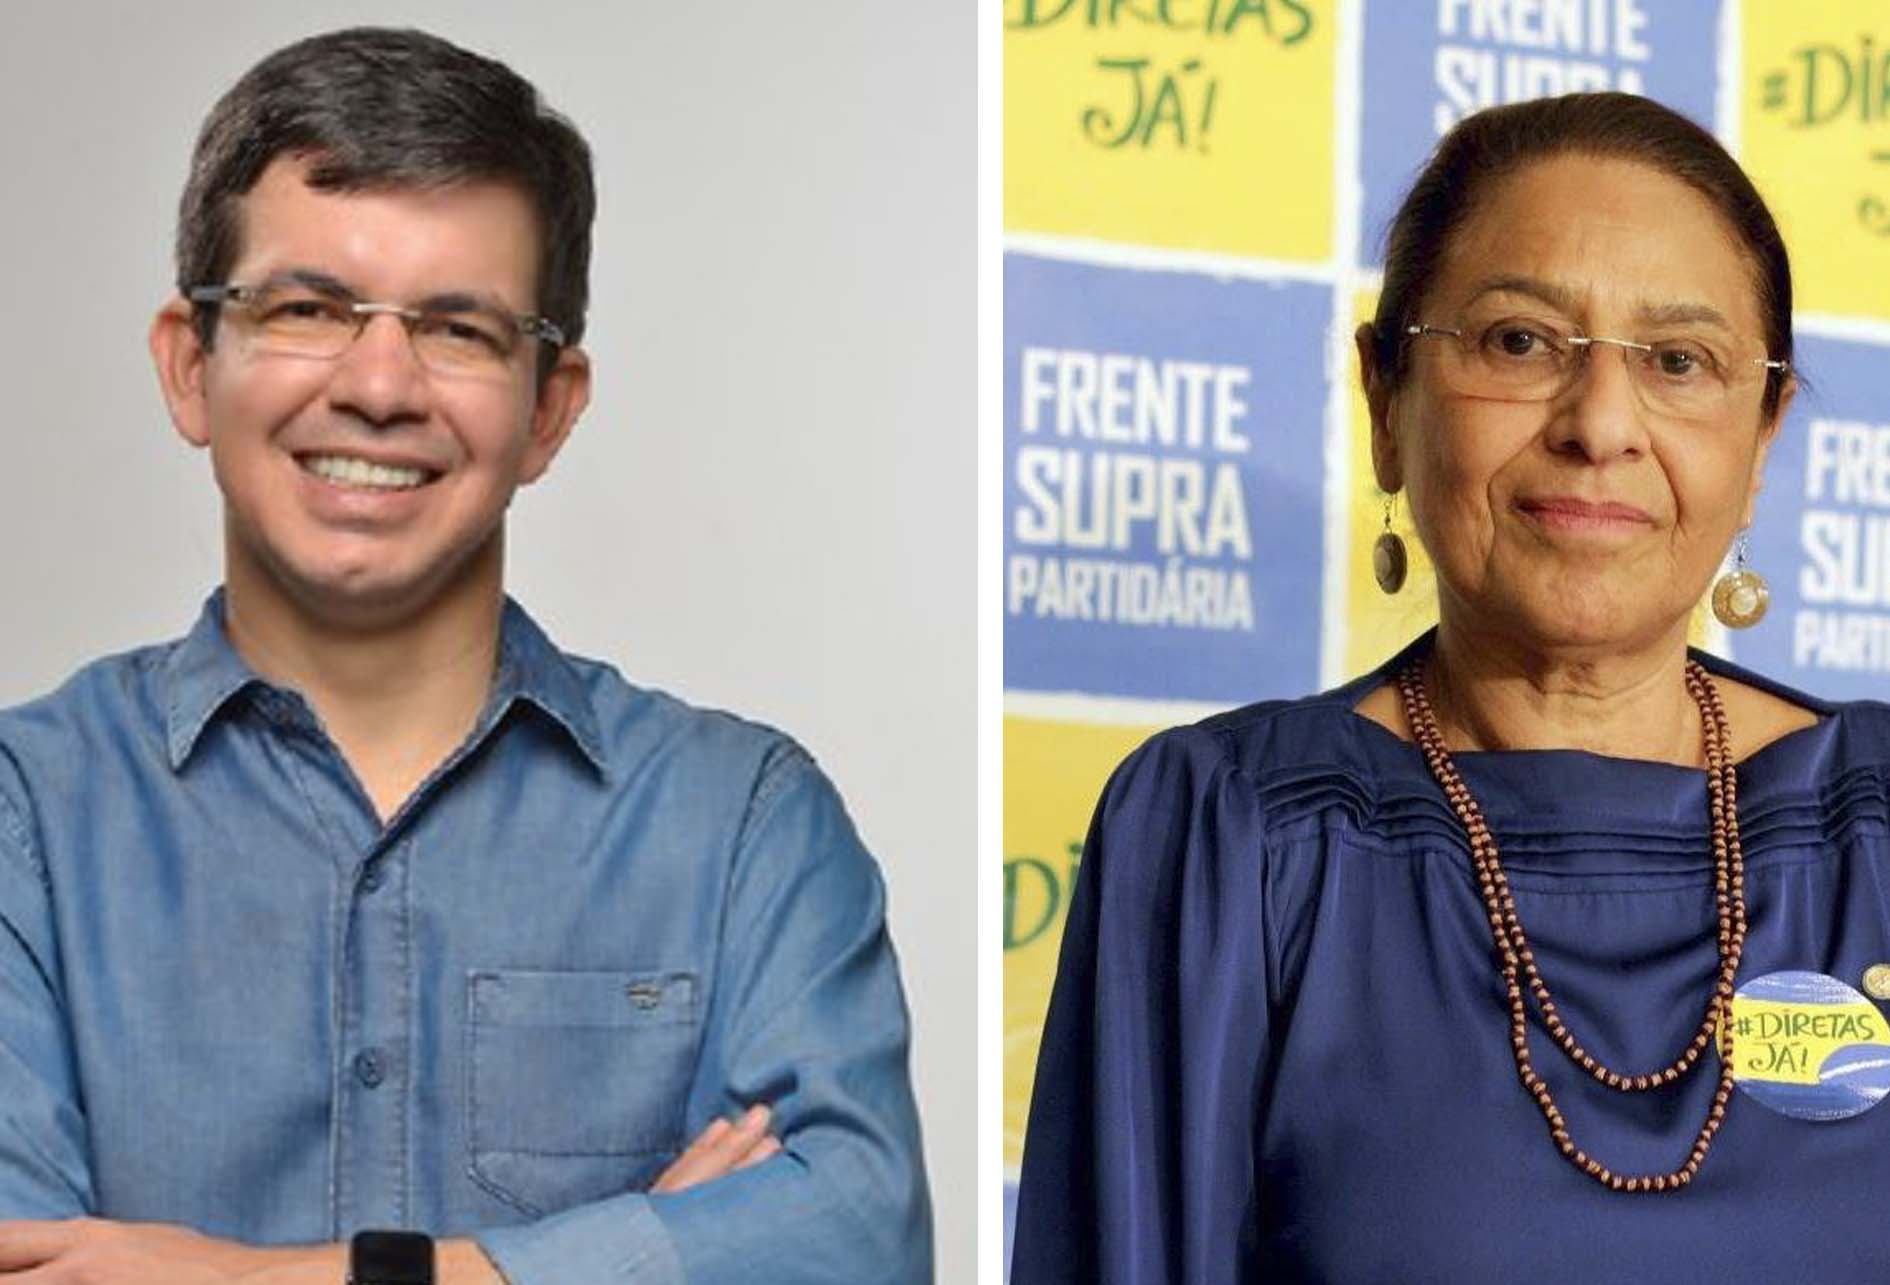 Randolfe lidera pesquisa Ibope para o Senado com 46%. Janete é a segunda com 30%